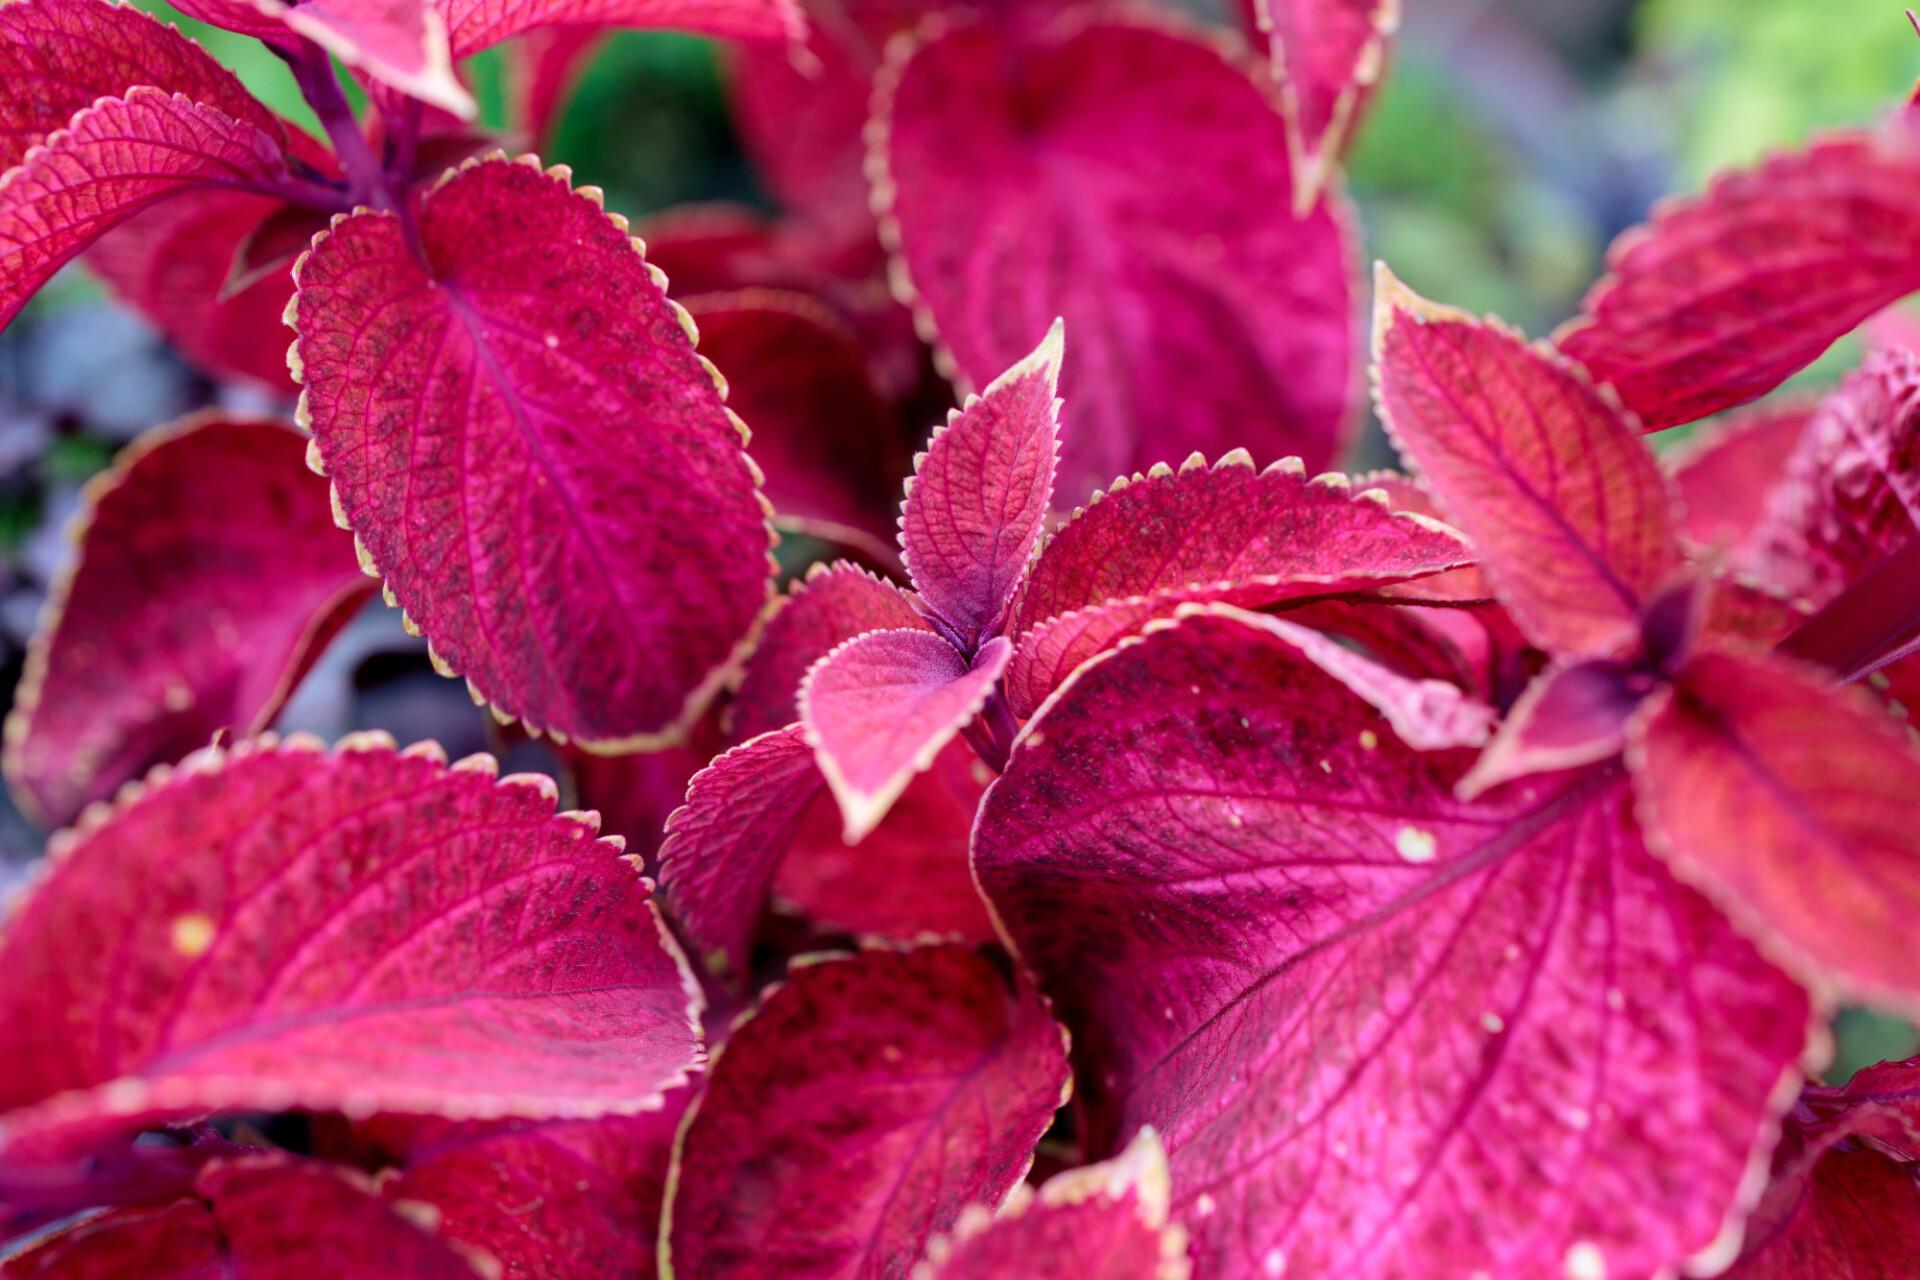 Beefsteak plant leaves